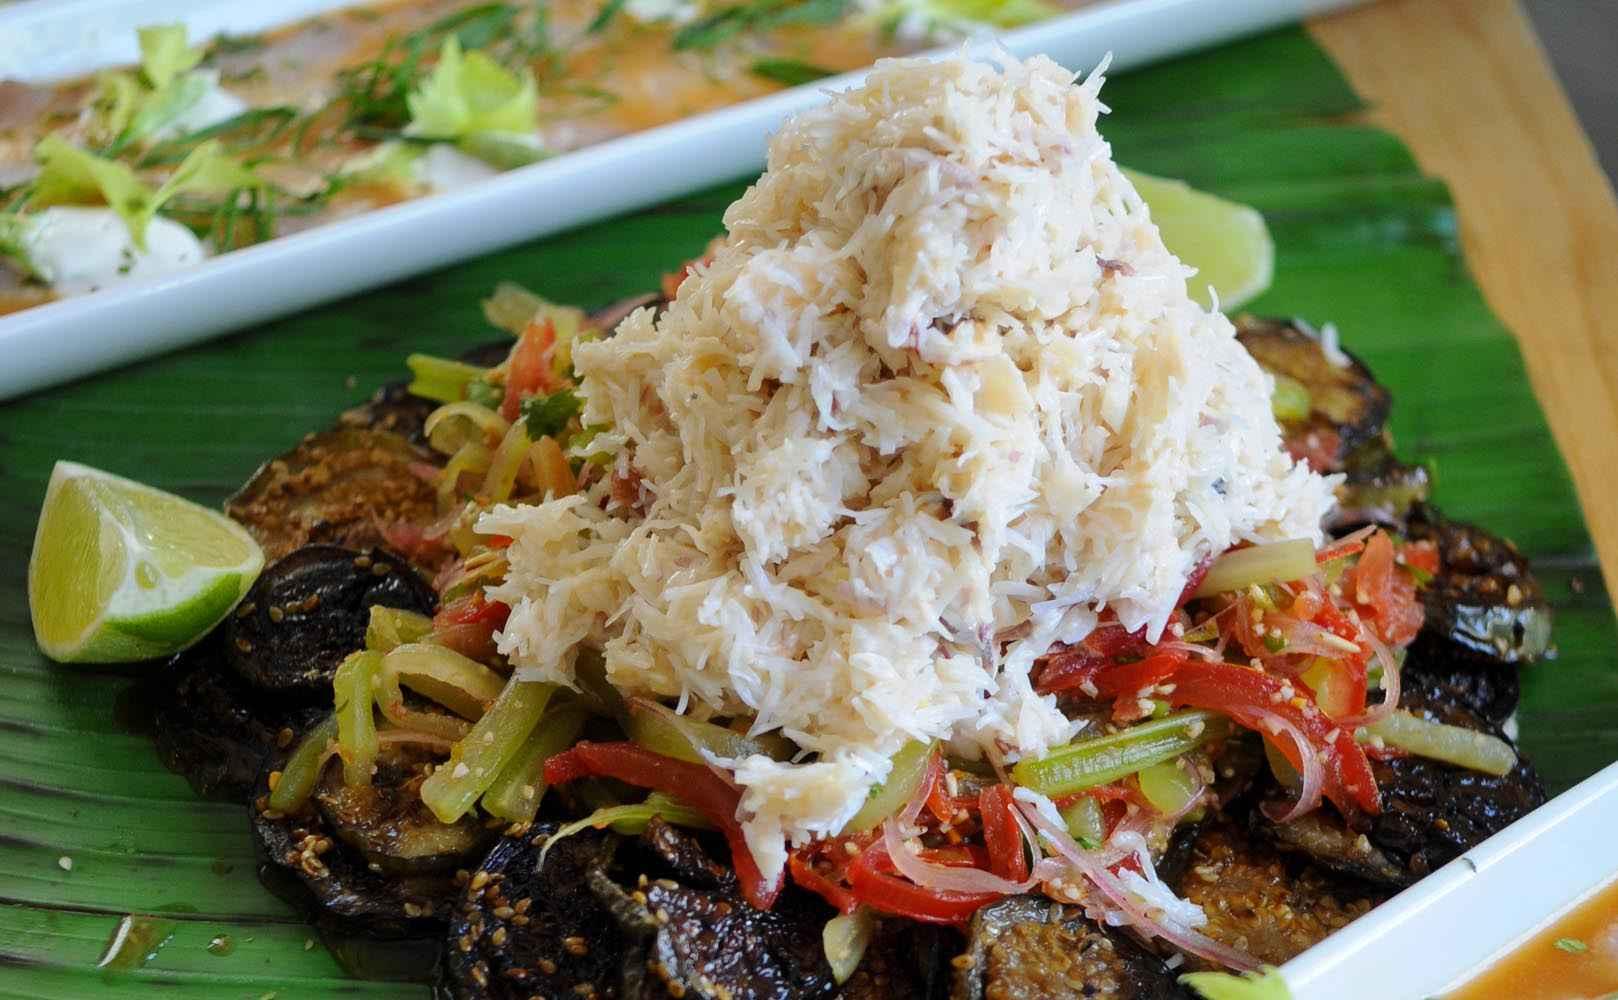 Rezept für Gemüsesalat mit mariniertem Krebsfleisch und geschmorte Thai-Auberginen